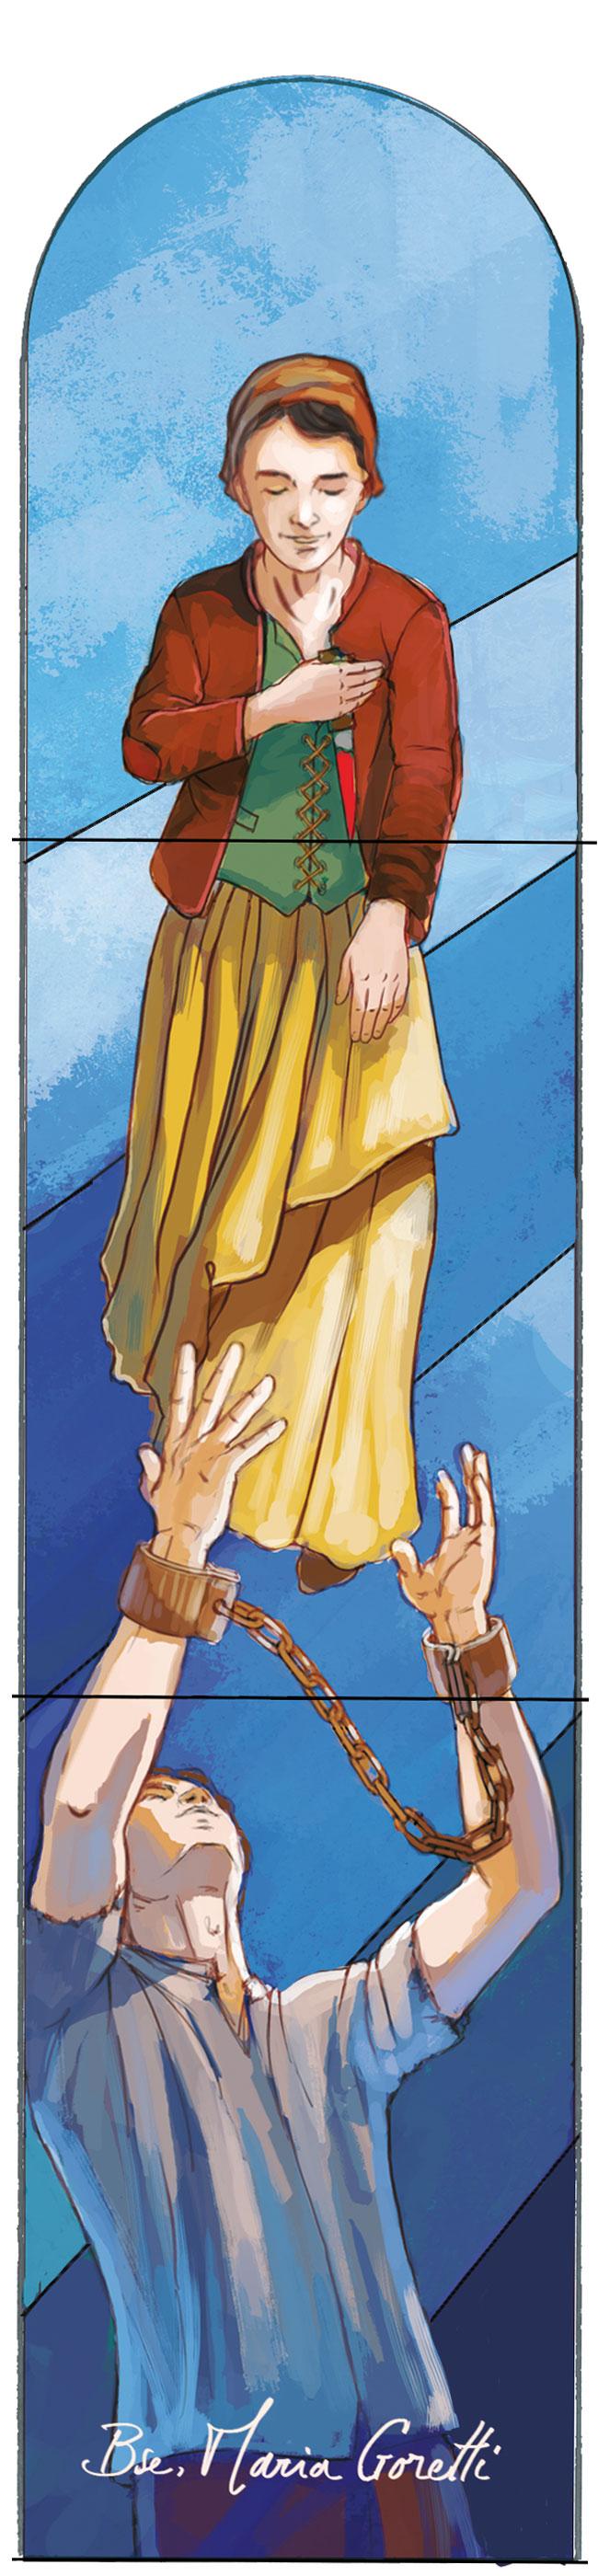 Sainte Maria Goretti